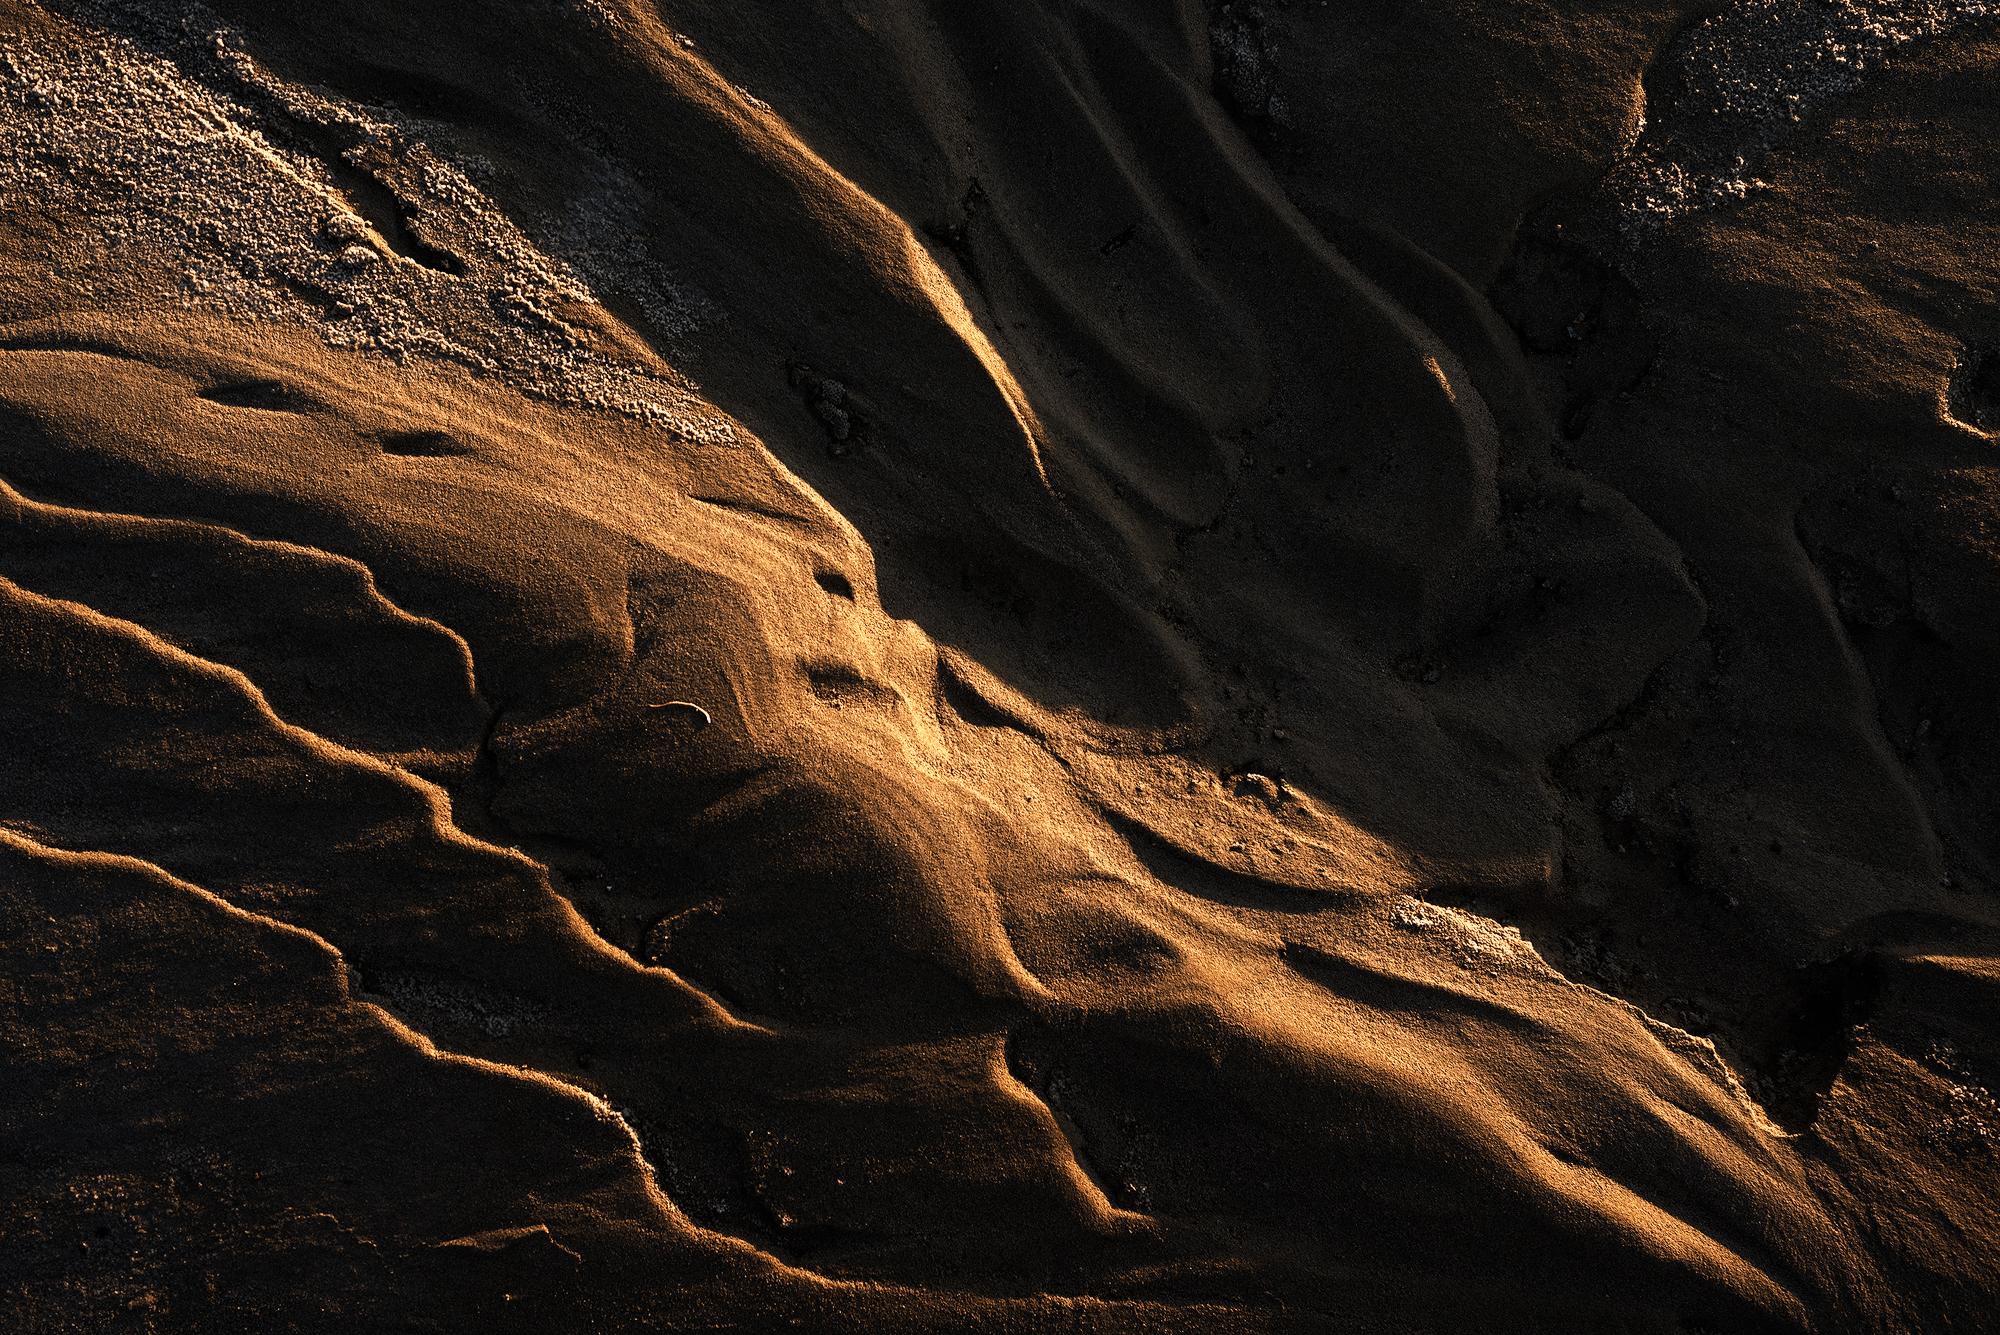 Ebbing Sands